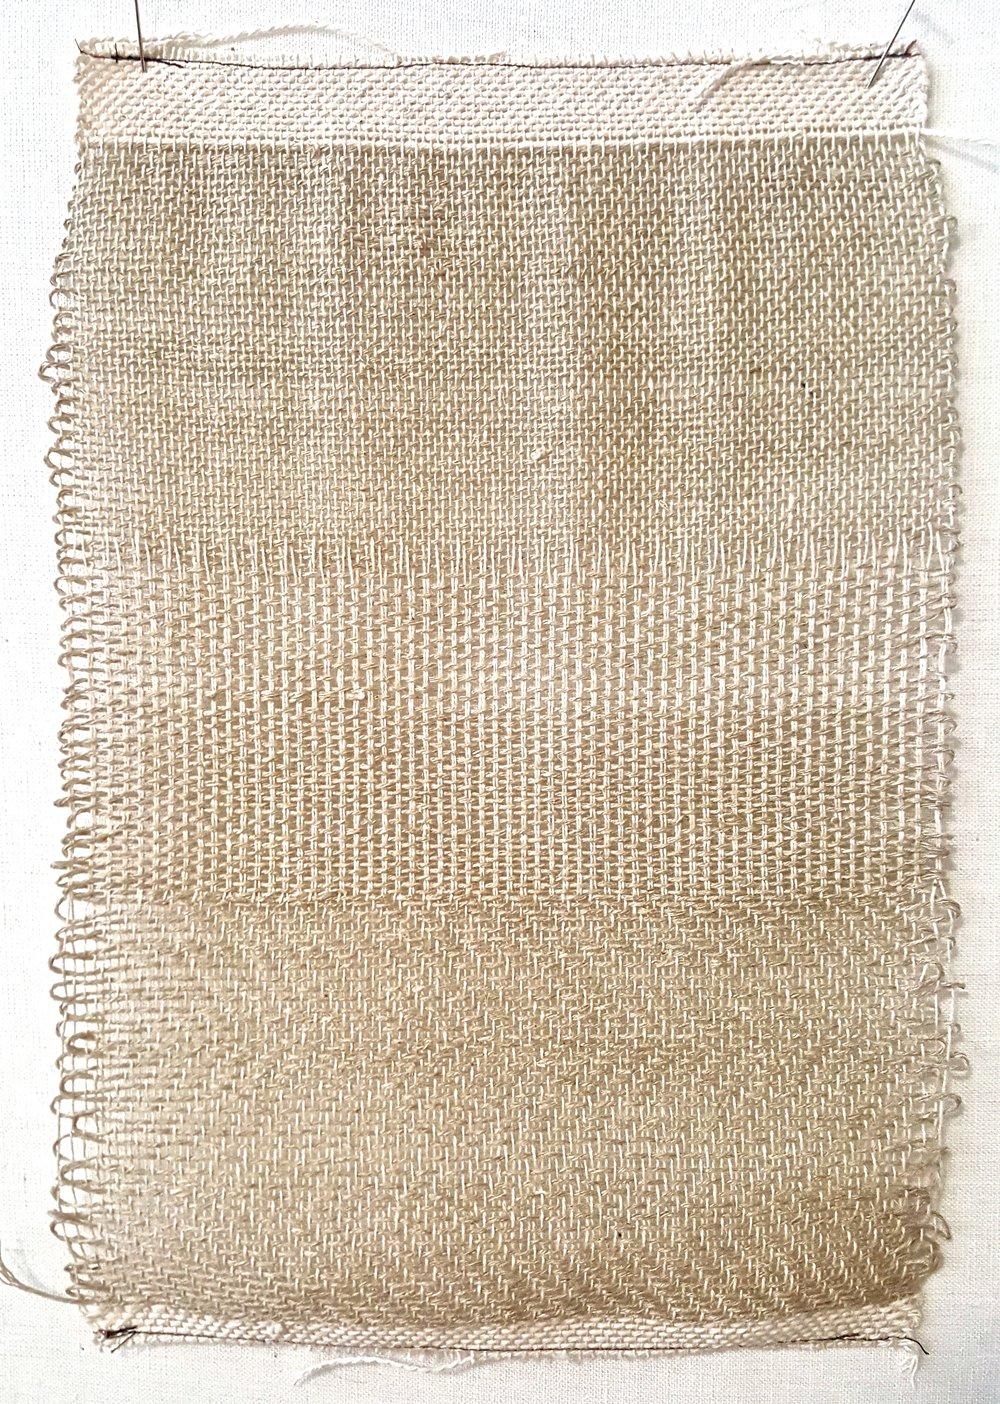 Open Weave Twine